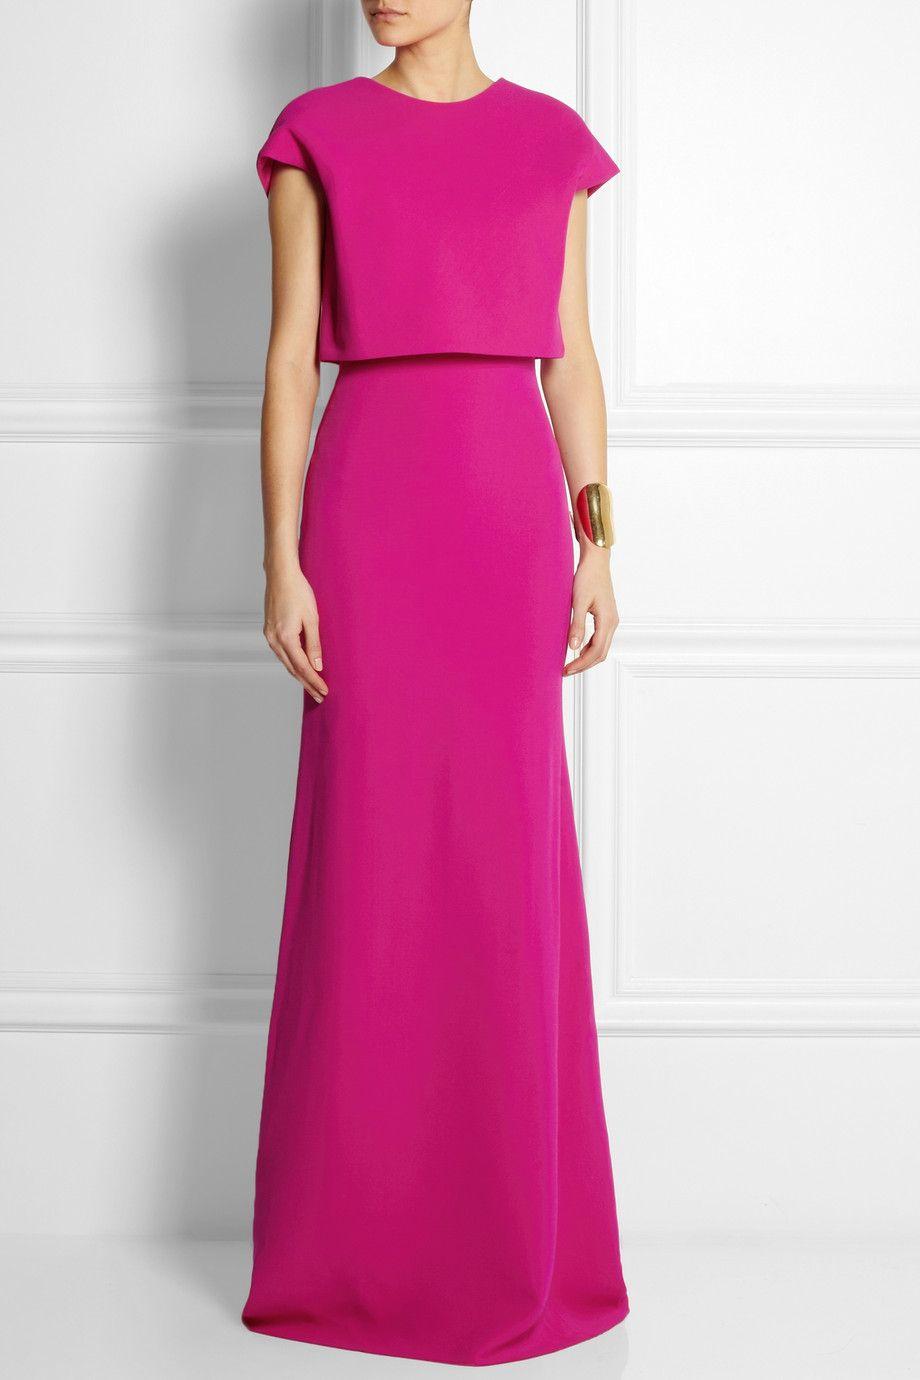 Vestido Rosa | Moda Elegante | Pinterest | Vestido rosado ...